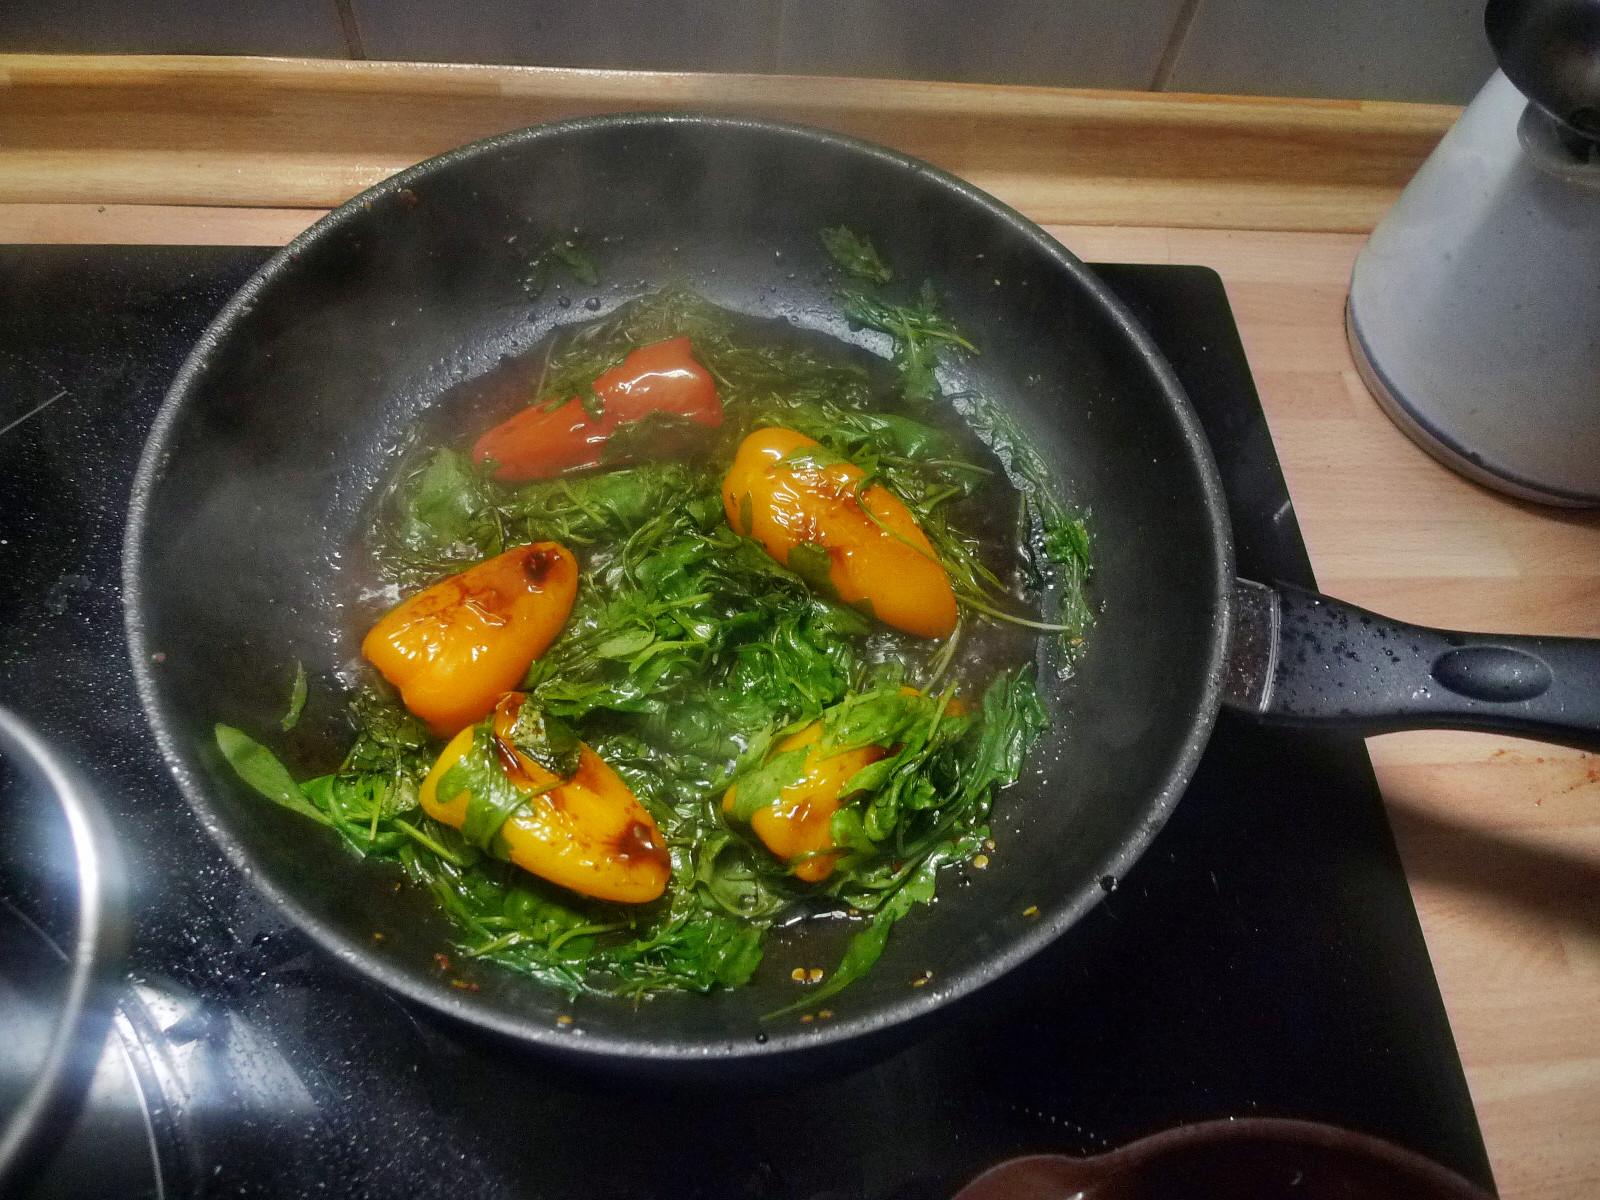 Nudeln mit Olivenpesto und Minigemüse - 21.11.14  (7)